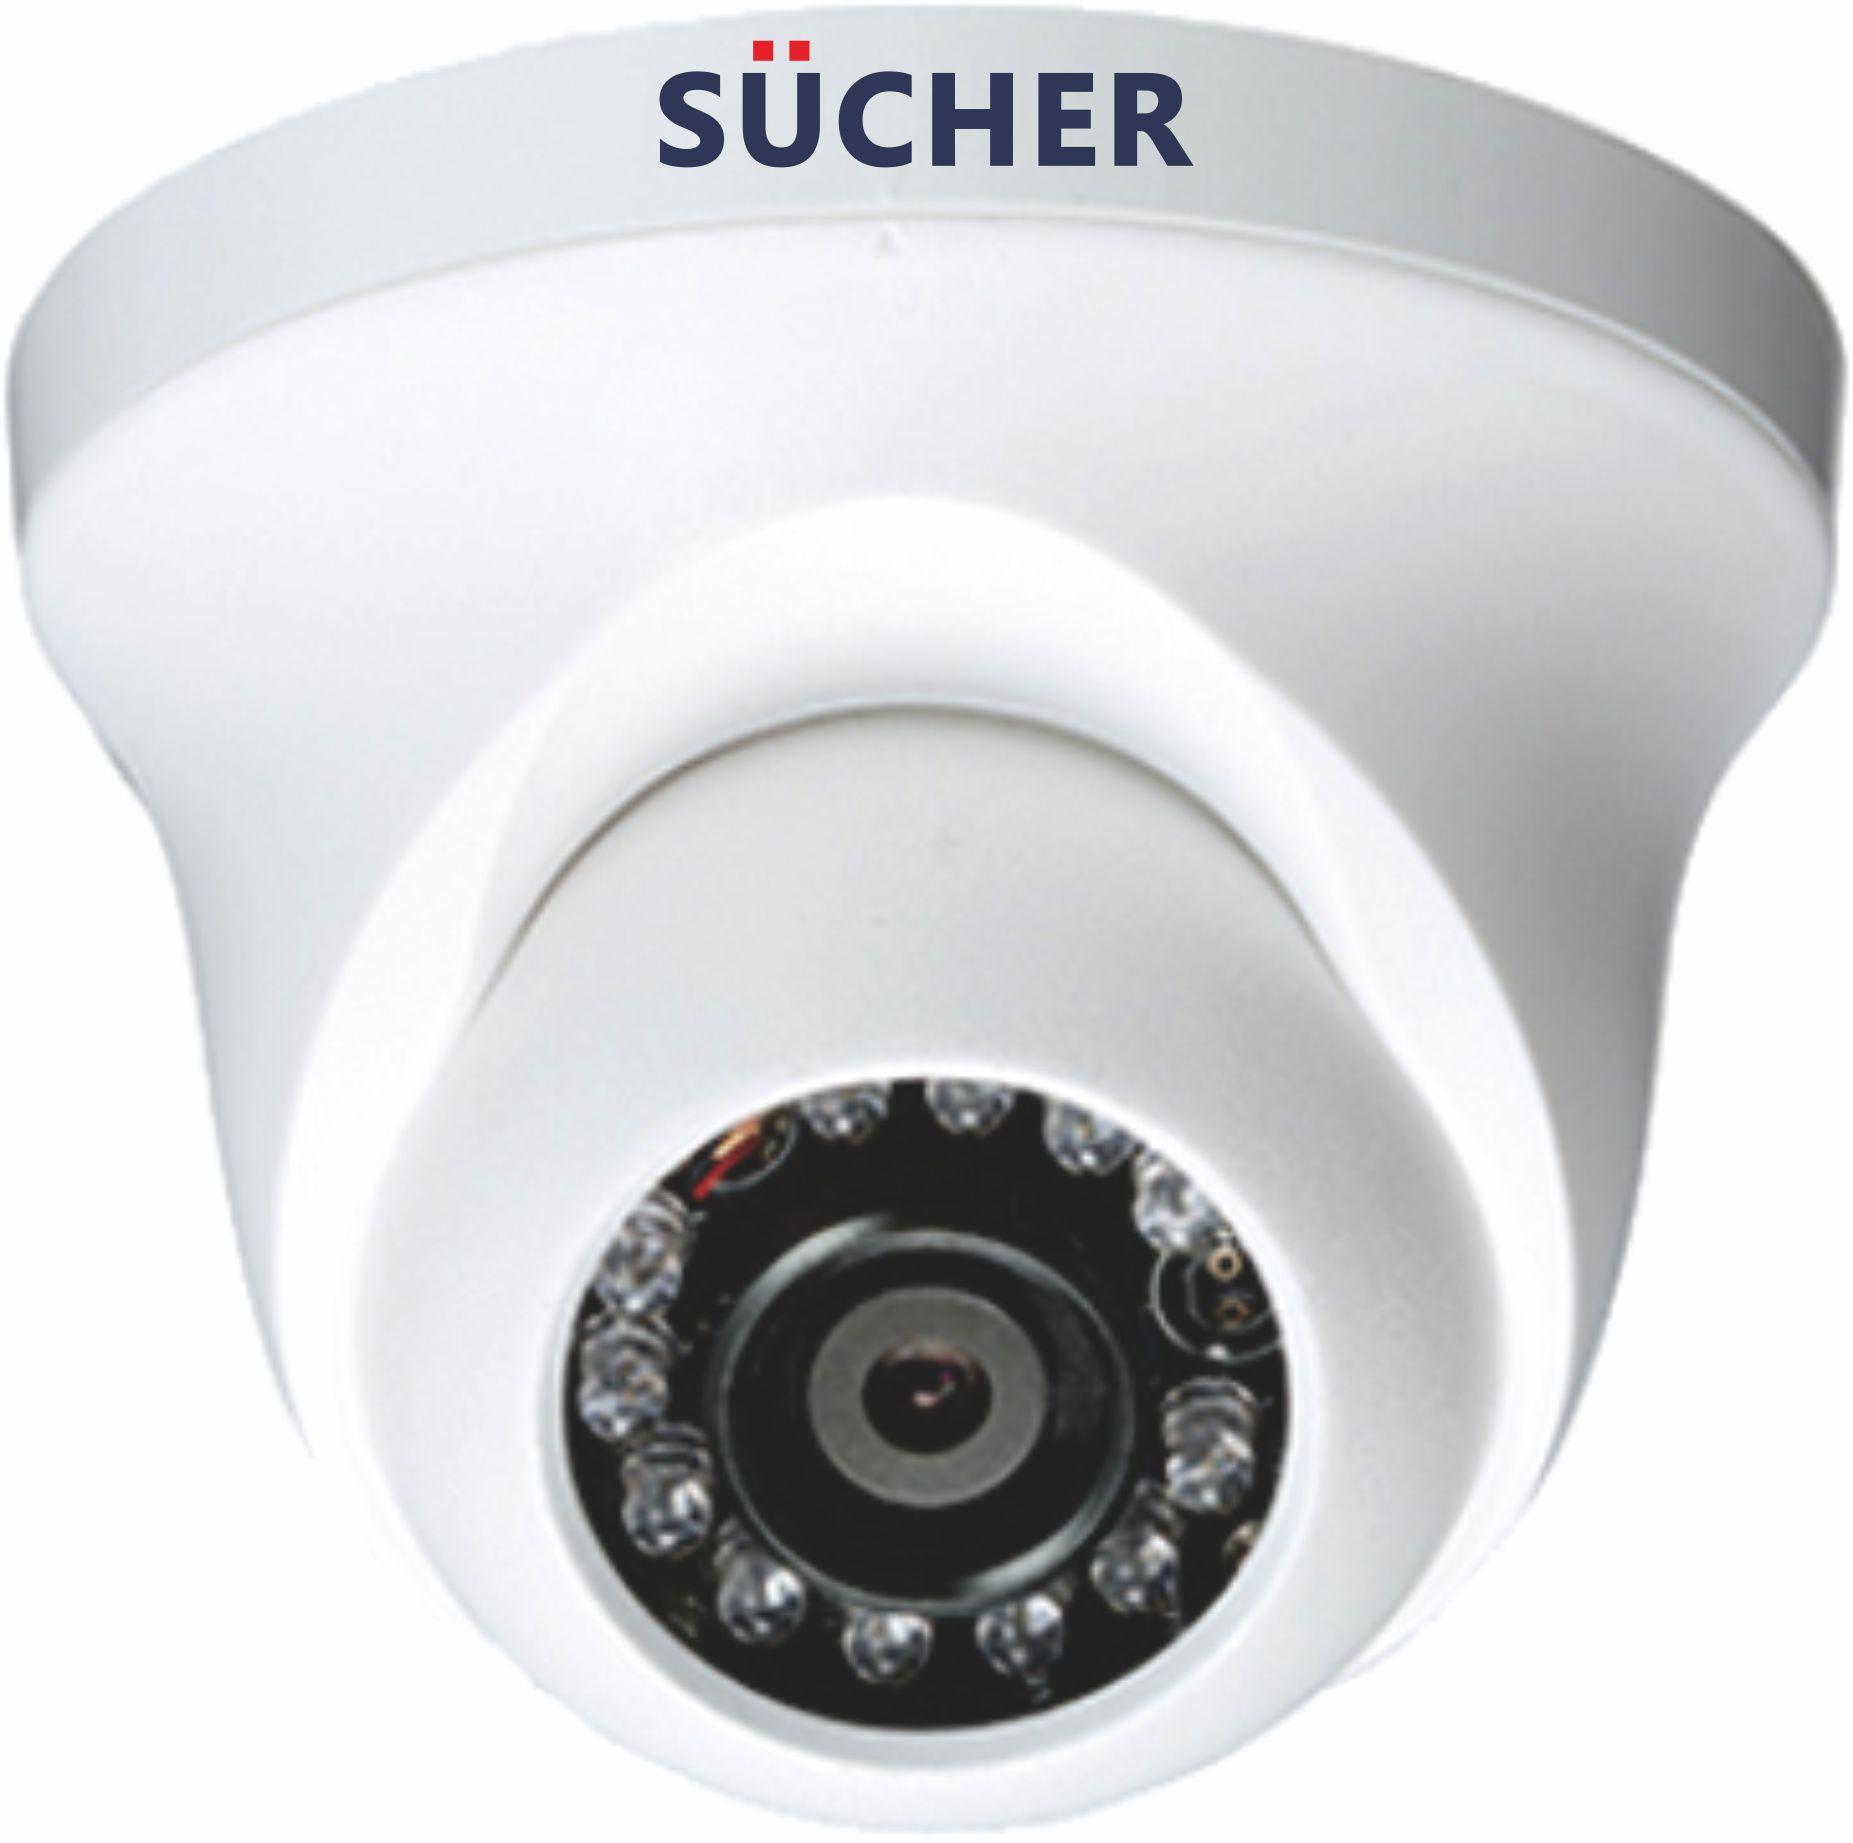 full-sucher-sa-1042-s-34cc5f022aef3a8db25951e6ffdd1eac